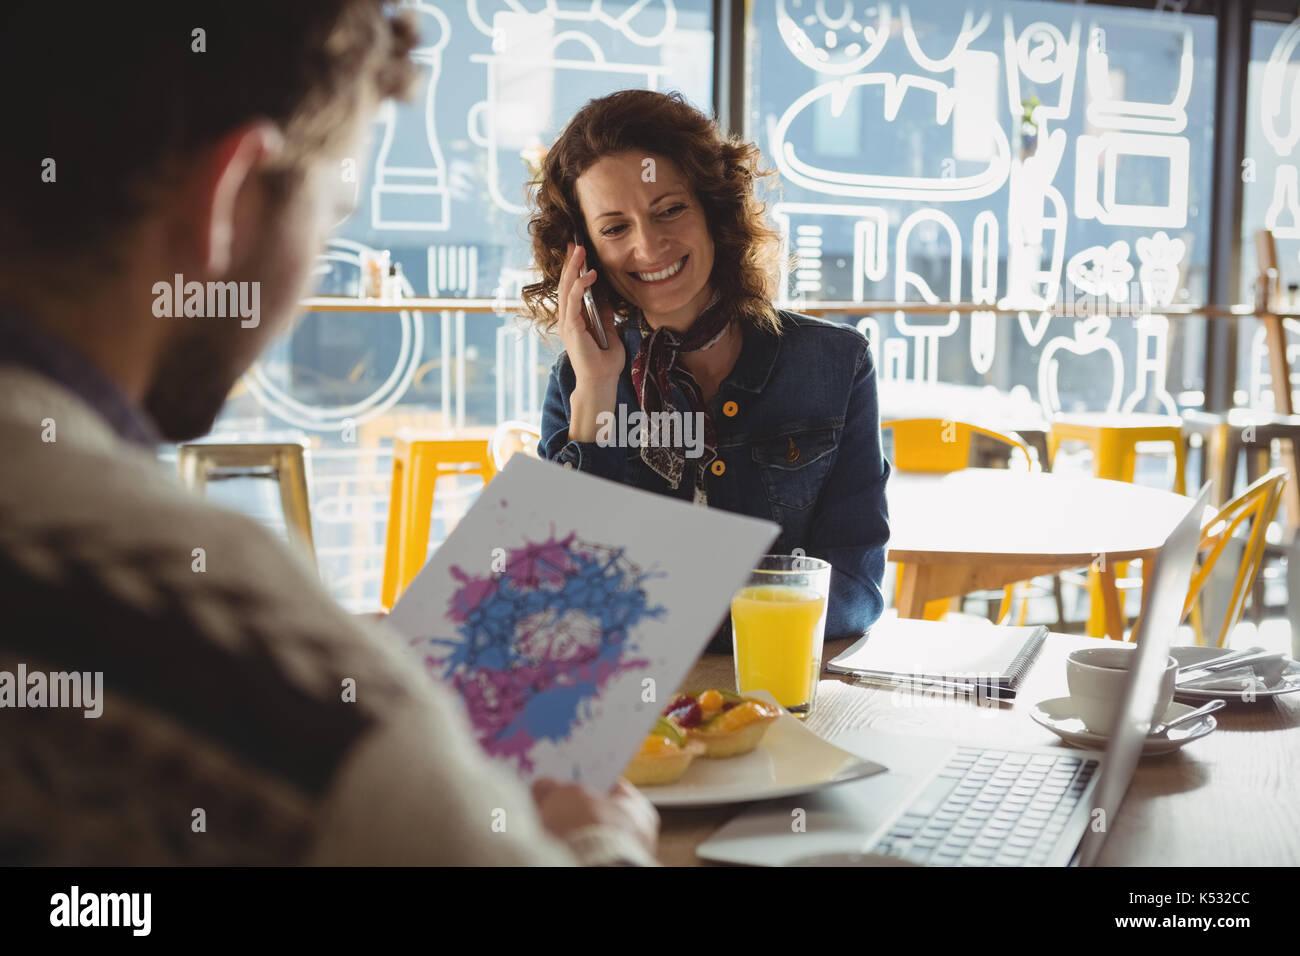 Mann hält Papier mit Malerei von jungen Frau am Telefon sprechen im Cafe Stockbild